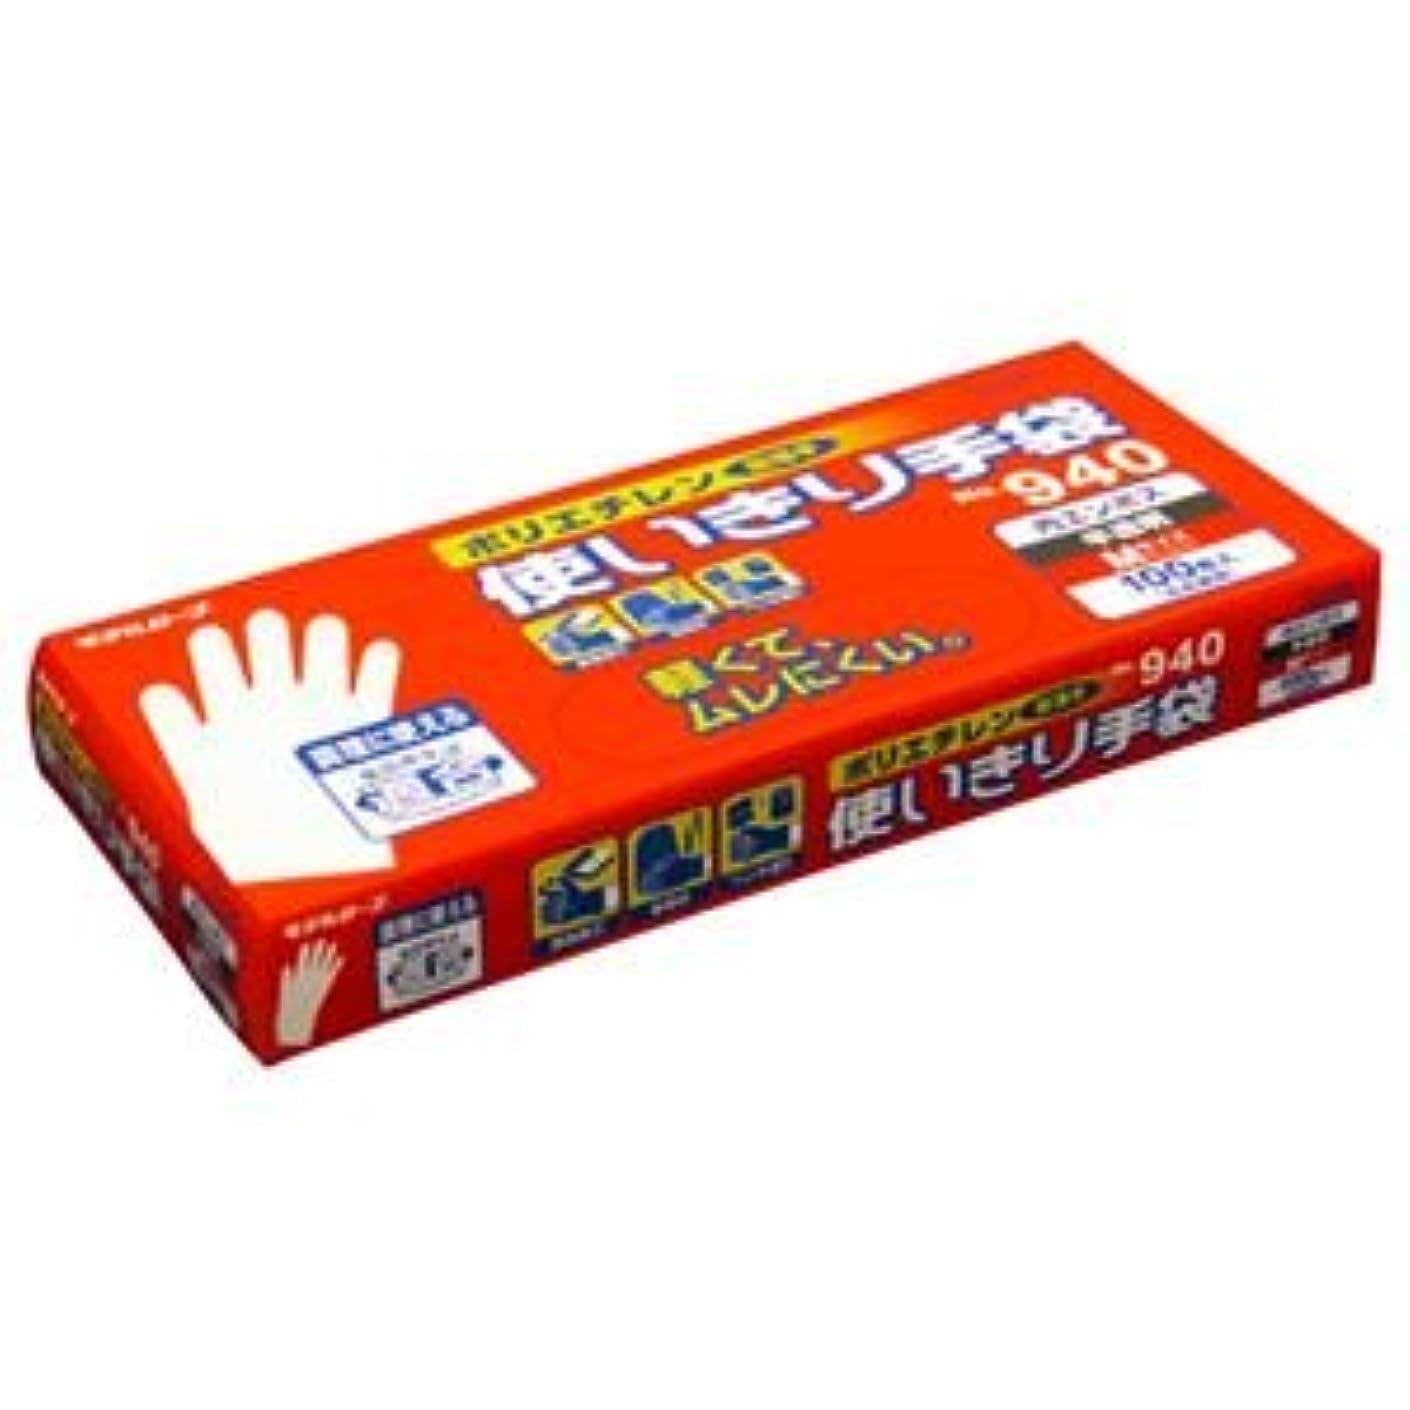 精査上にティーンエイジャー(まとめ) エステー No.940 ポリエチレン使いきり手袋(内エンボス) M 1箱(100枚) 【×10セット】 ds-1580600